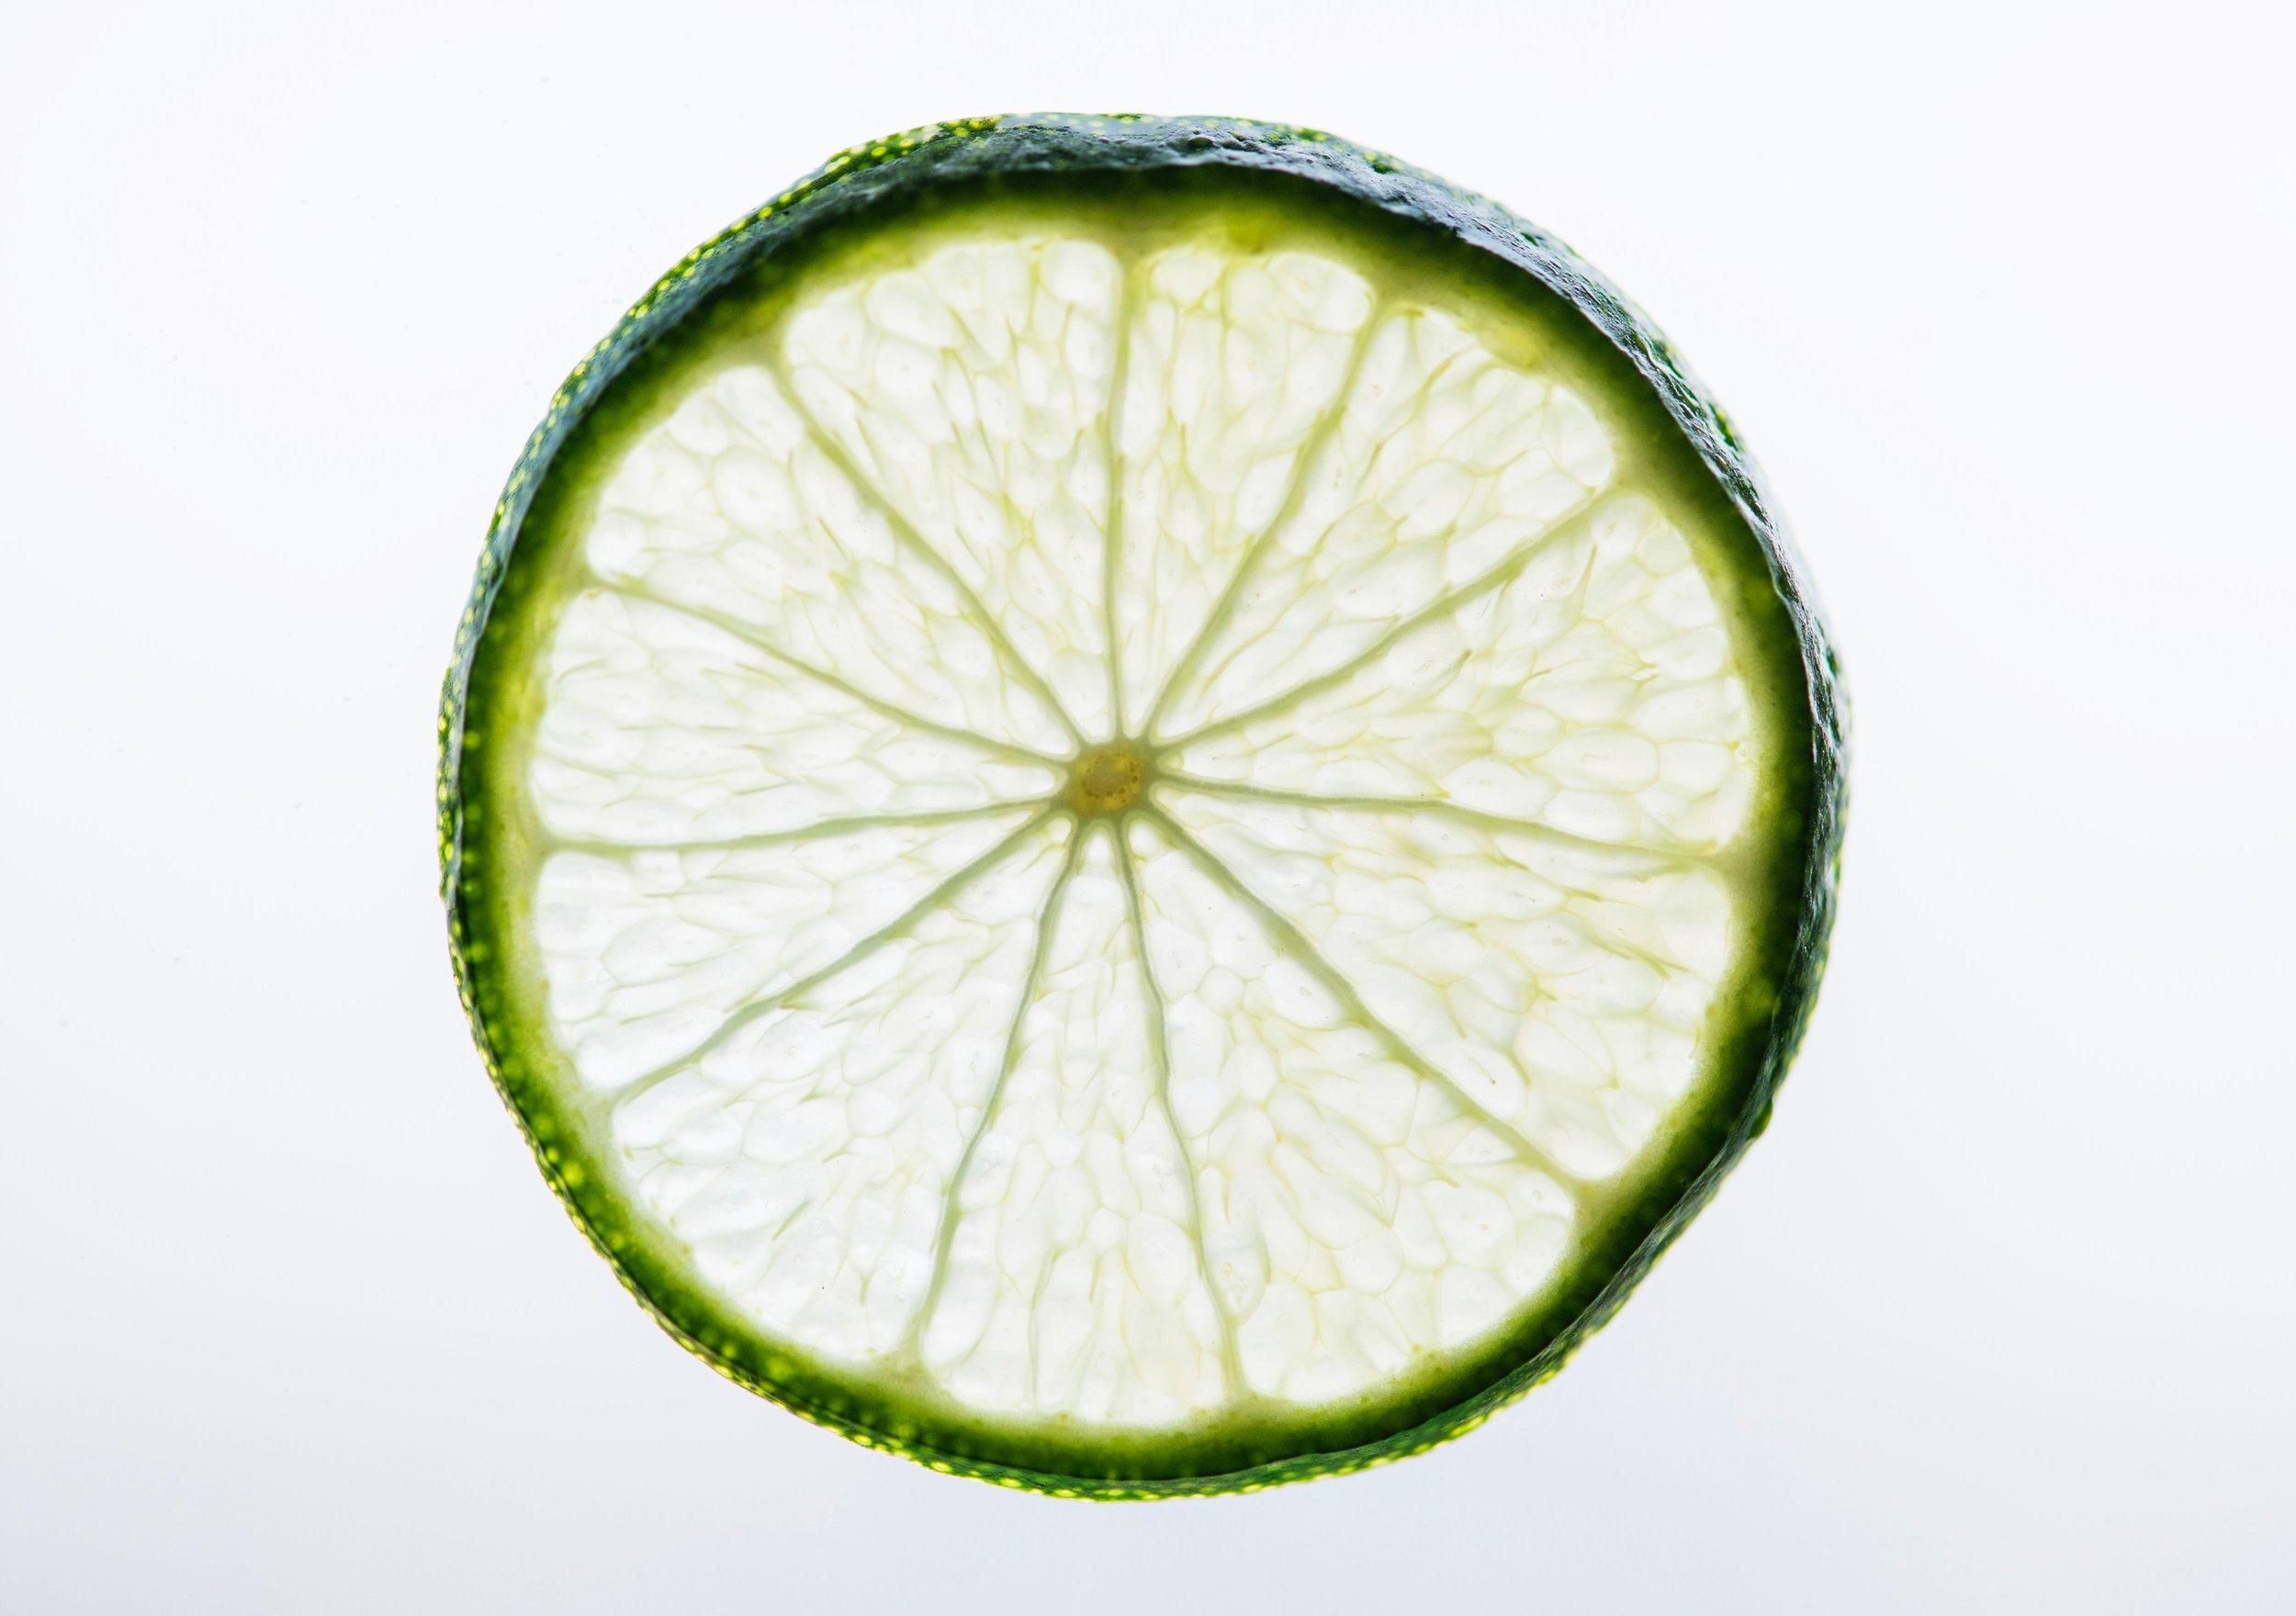 bright-citrus-citrus-fruit-1624178.jpg